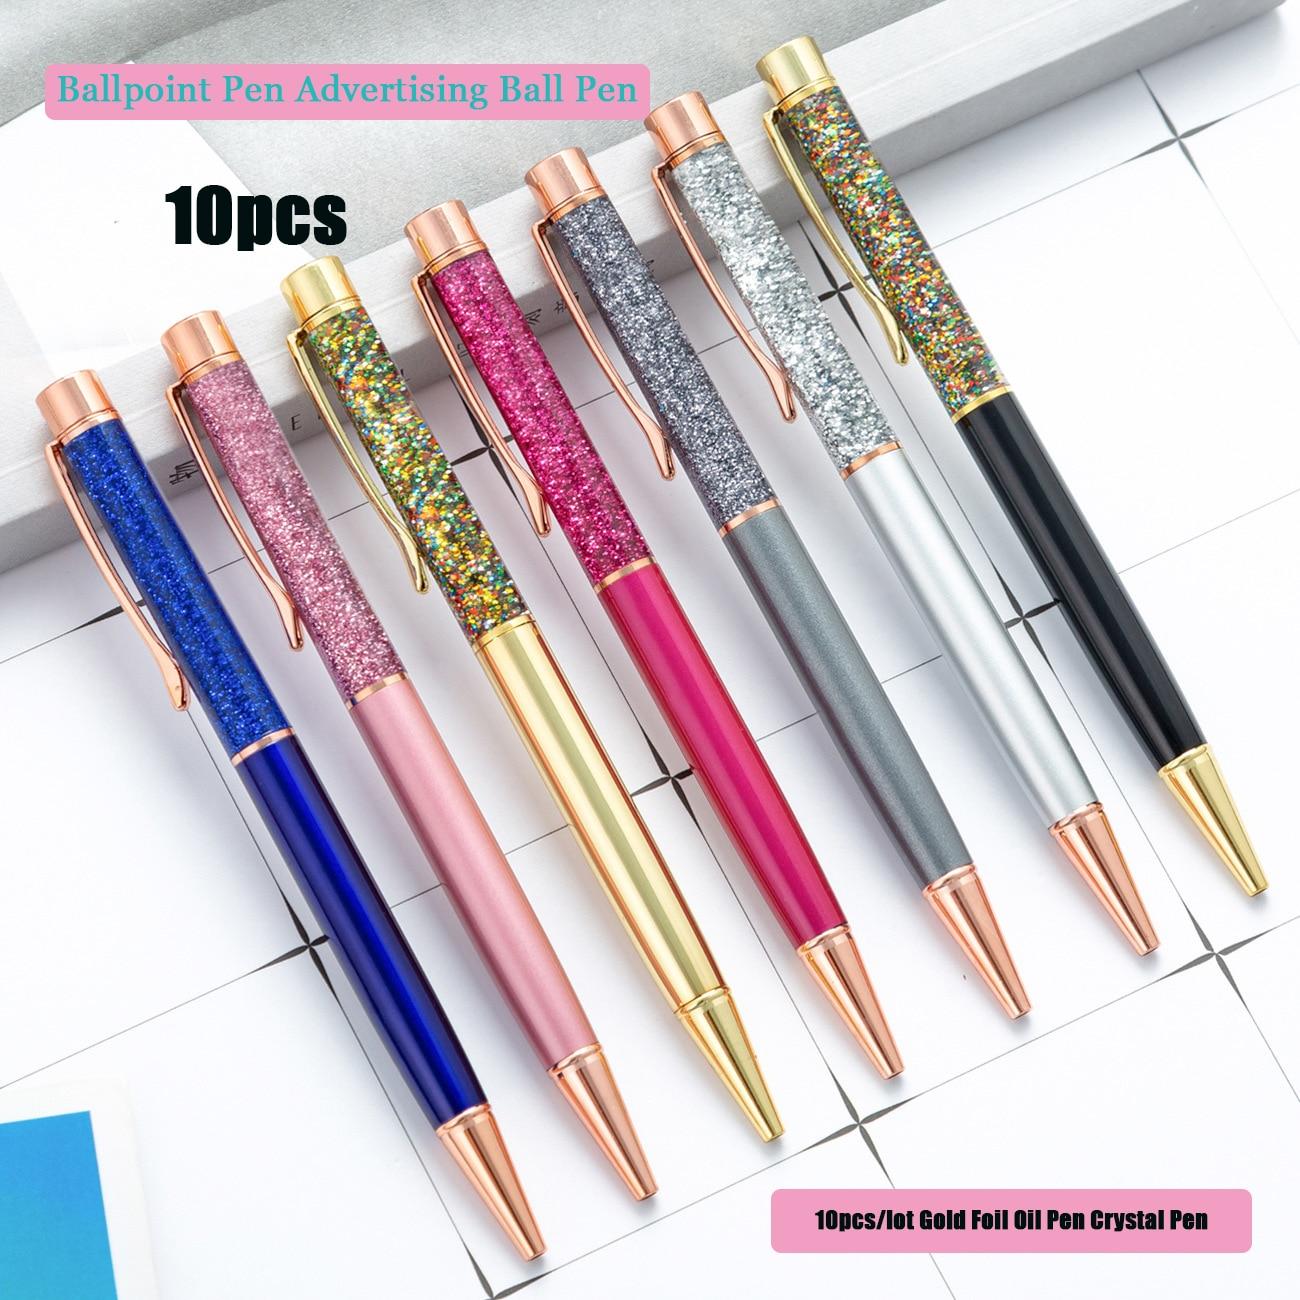 10 шт./лот масляная ручка из золотой фольги, ручка с кристаллами, металлическая ручка для подписи, роскошная шариковая ручка, рекламная Шарик...